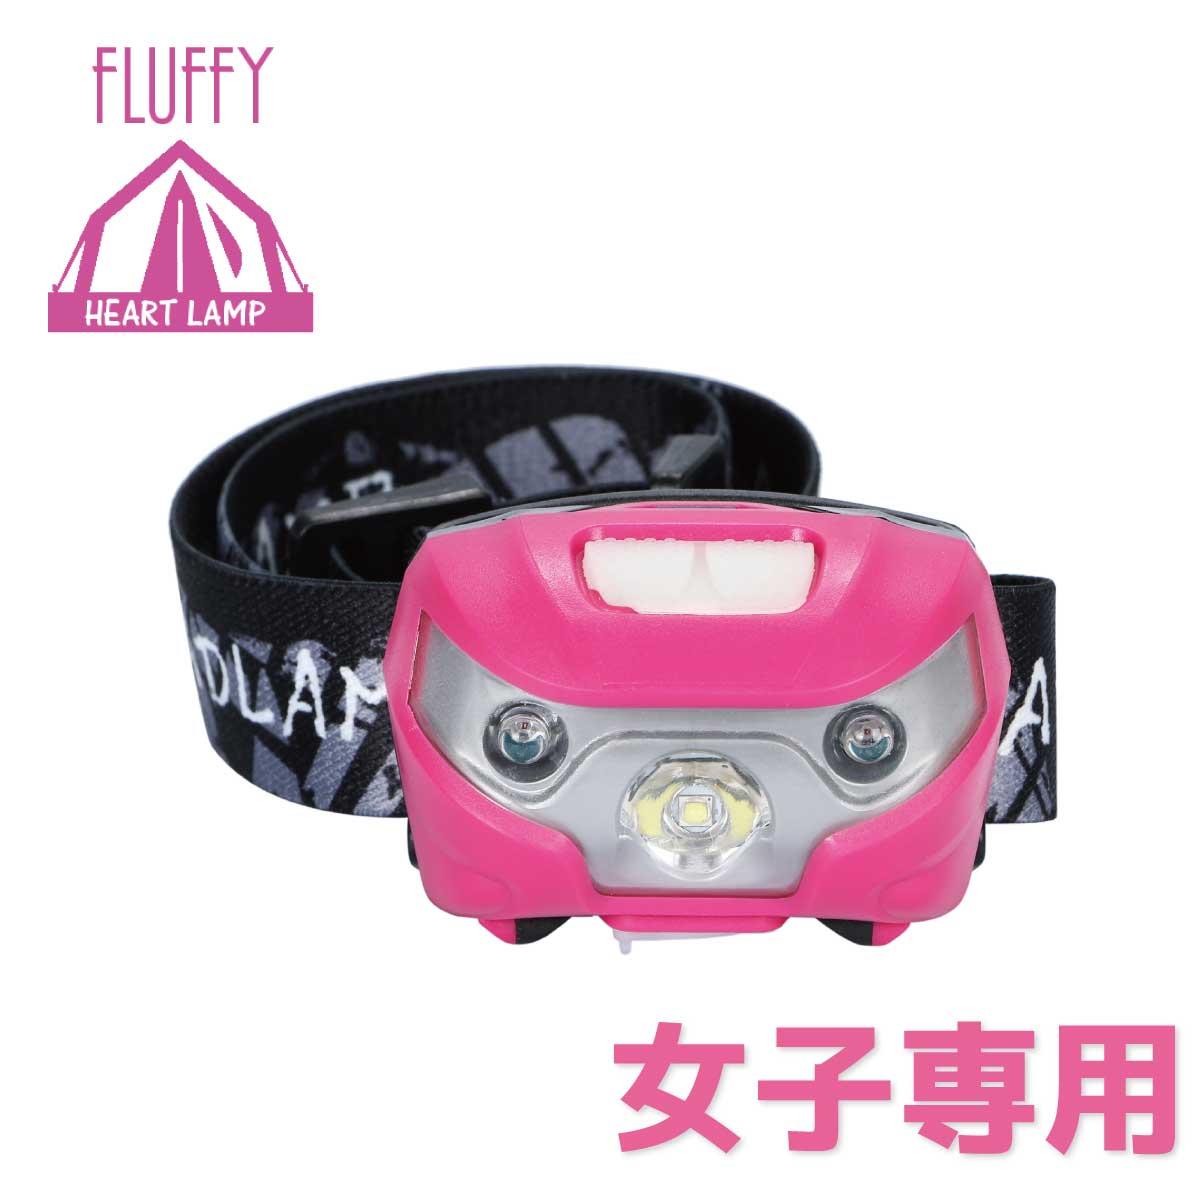 【 女子限定! 】 ヘッドライト 充電式 LED 防水 登山 釣り キャンプ 防災 災害対策 LEDヘッドライト ヘッドランプ LEDヘッドランプ LEDライト 商品入れ替えのためアウトレット価格